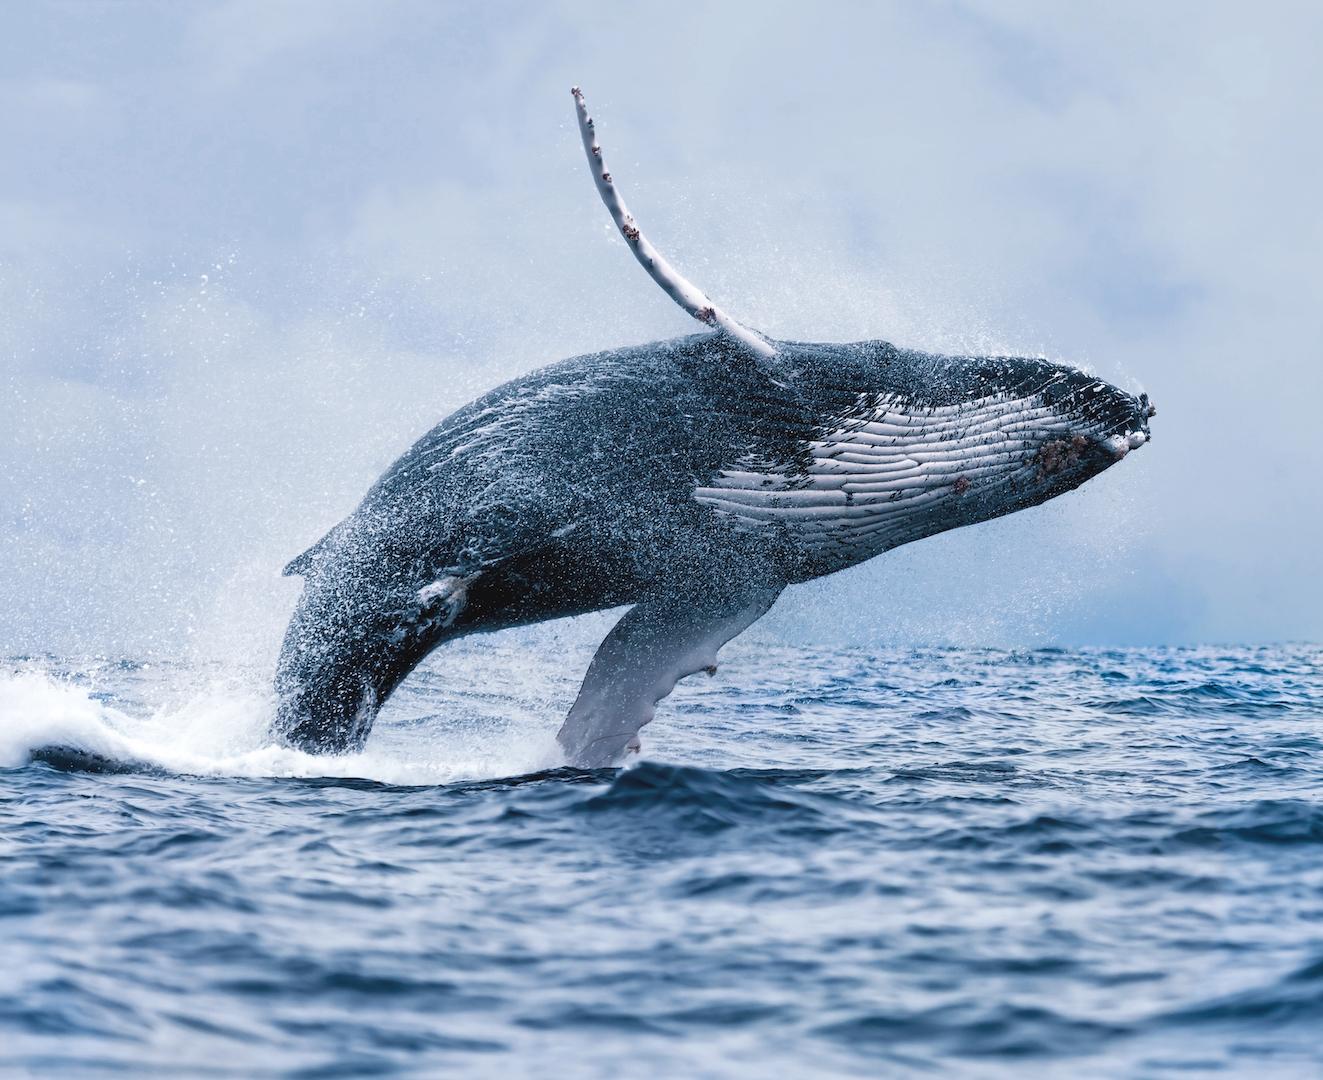 Podczas rejsu na wieloryby z Reykjaviku możesz zobaczyć te majestatyczne zwierzęta w ich naturalnym środowisku.